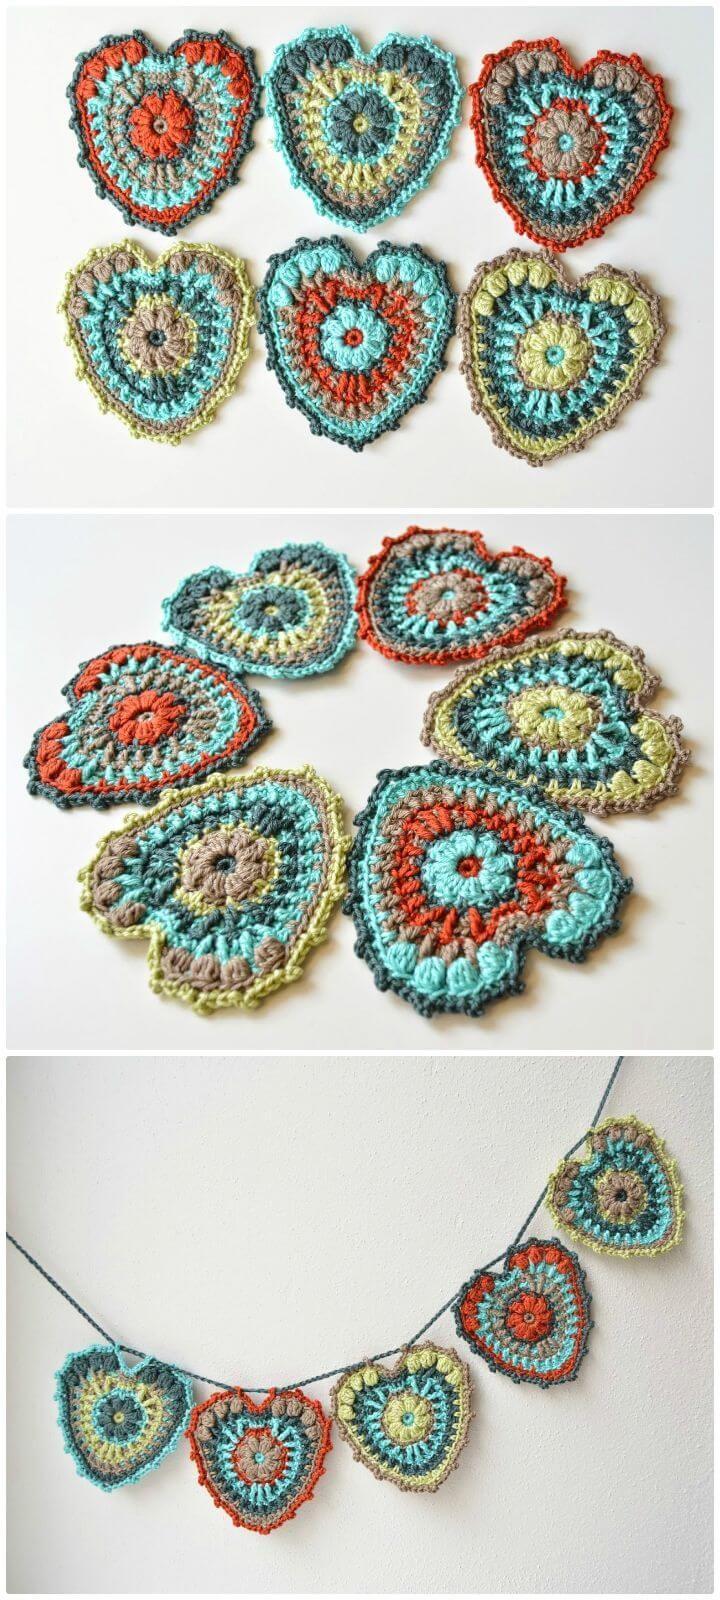 Free Crochet My Hearty Garland Pattern - Crochet Garland Pattern - 73 Free Crochet Garland Ideas - DIY & Crafts